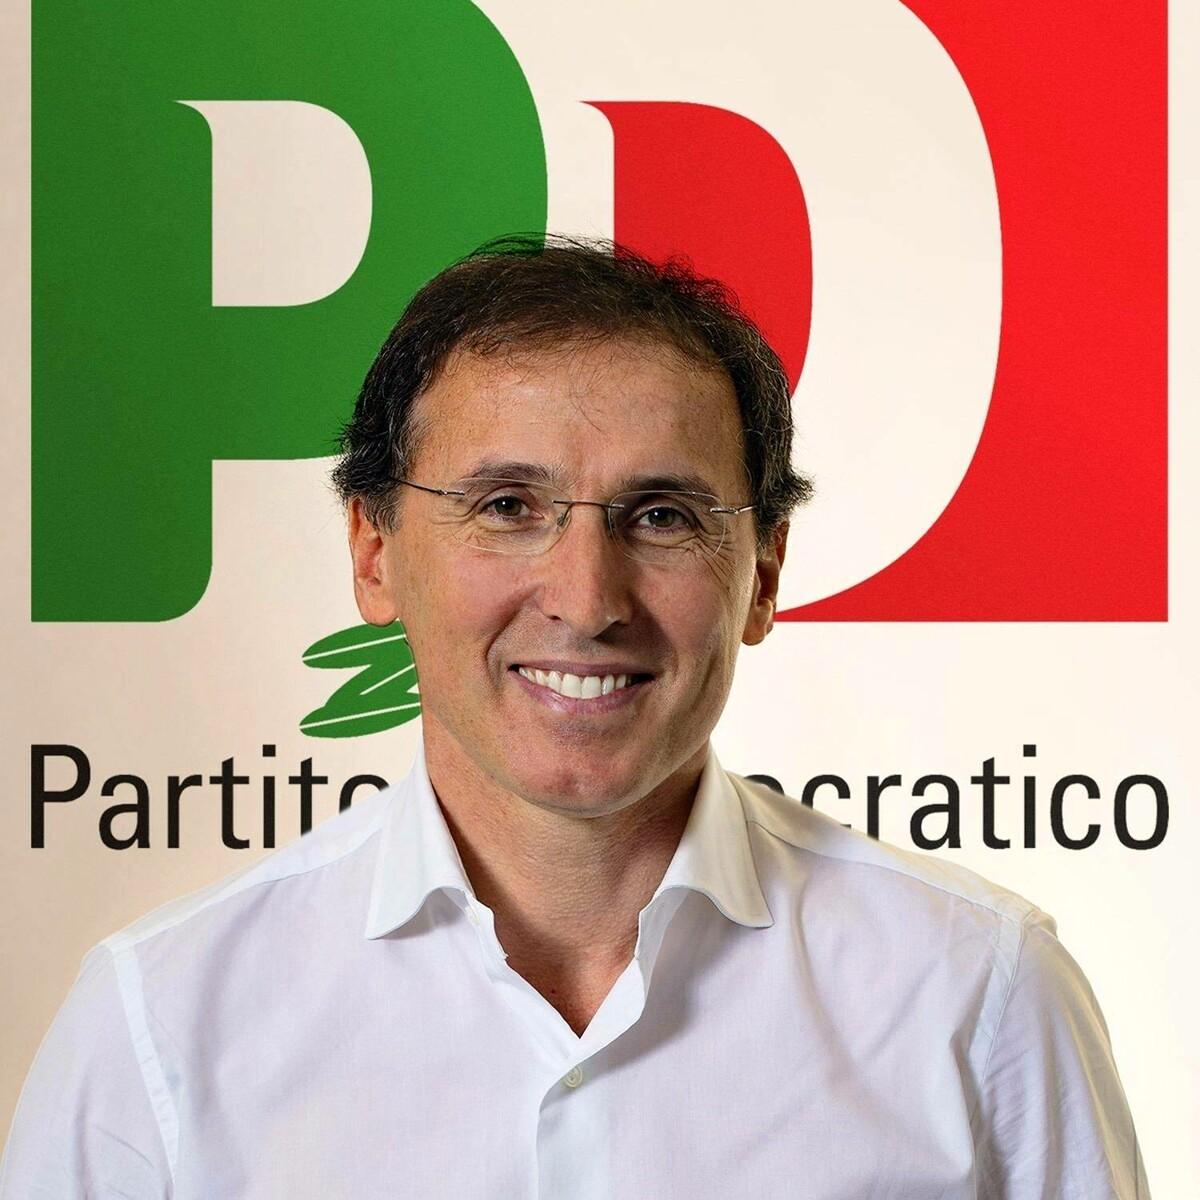 Elezioni comunali, l'ex ministro Boccia incontra i candidati sindaci del Pd